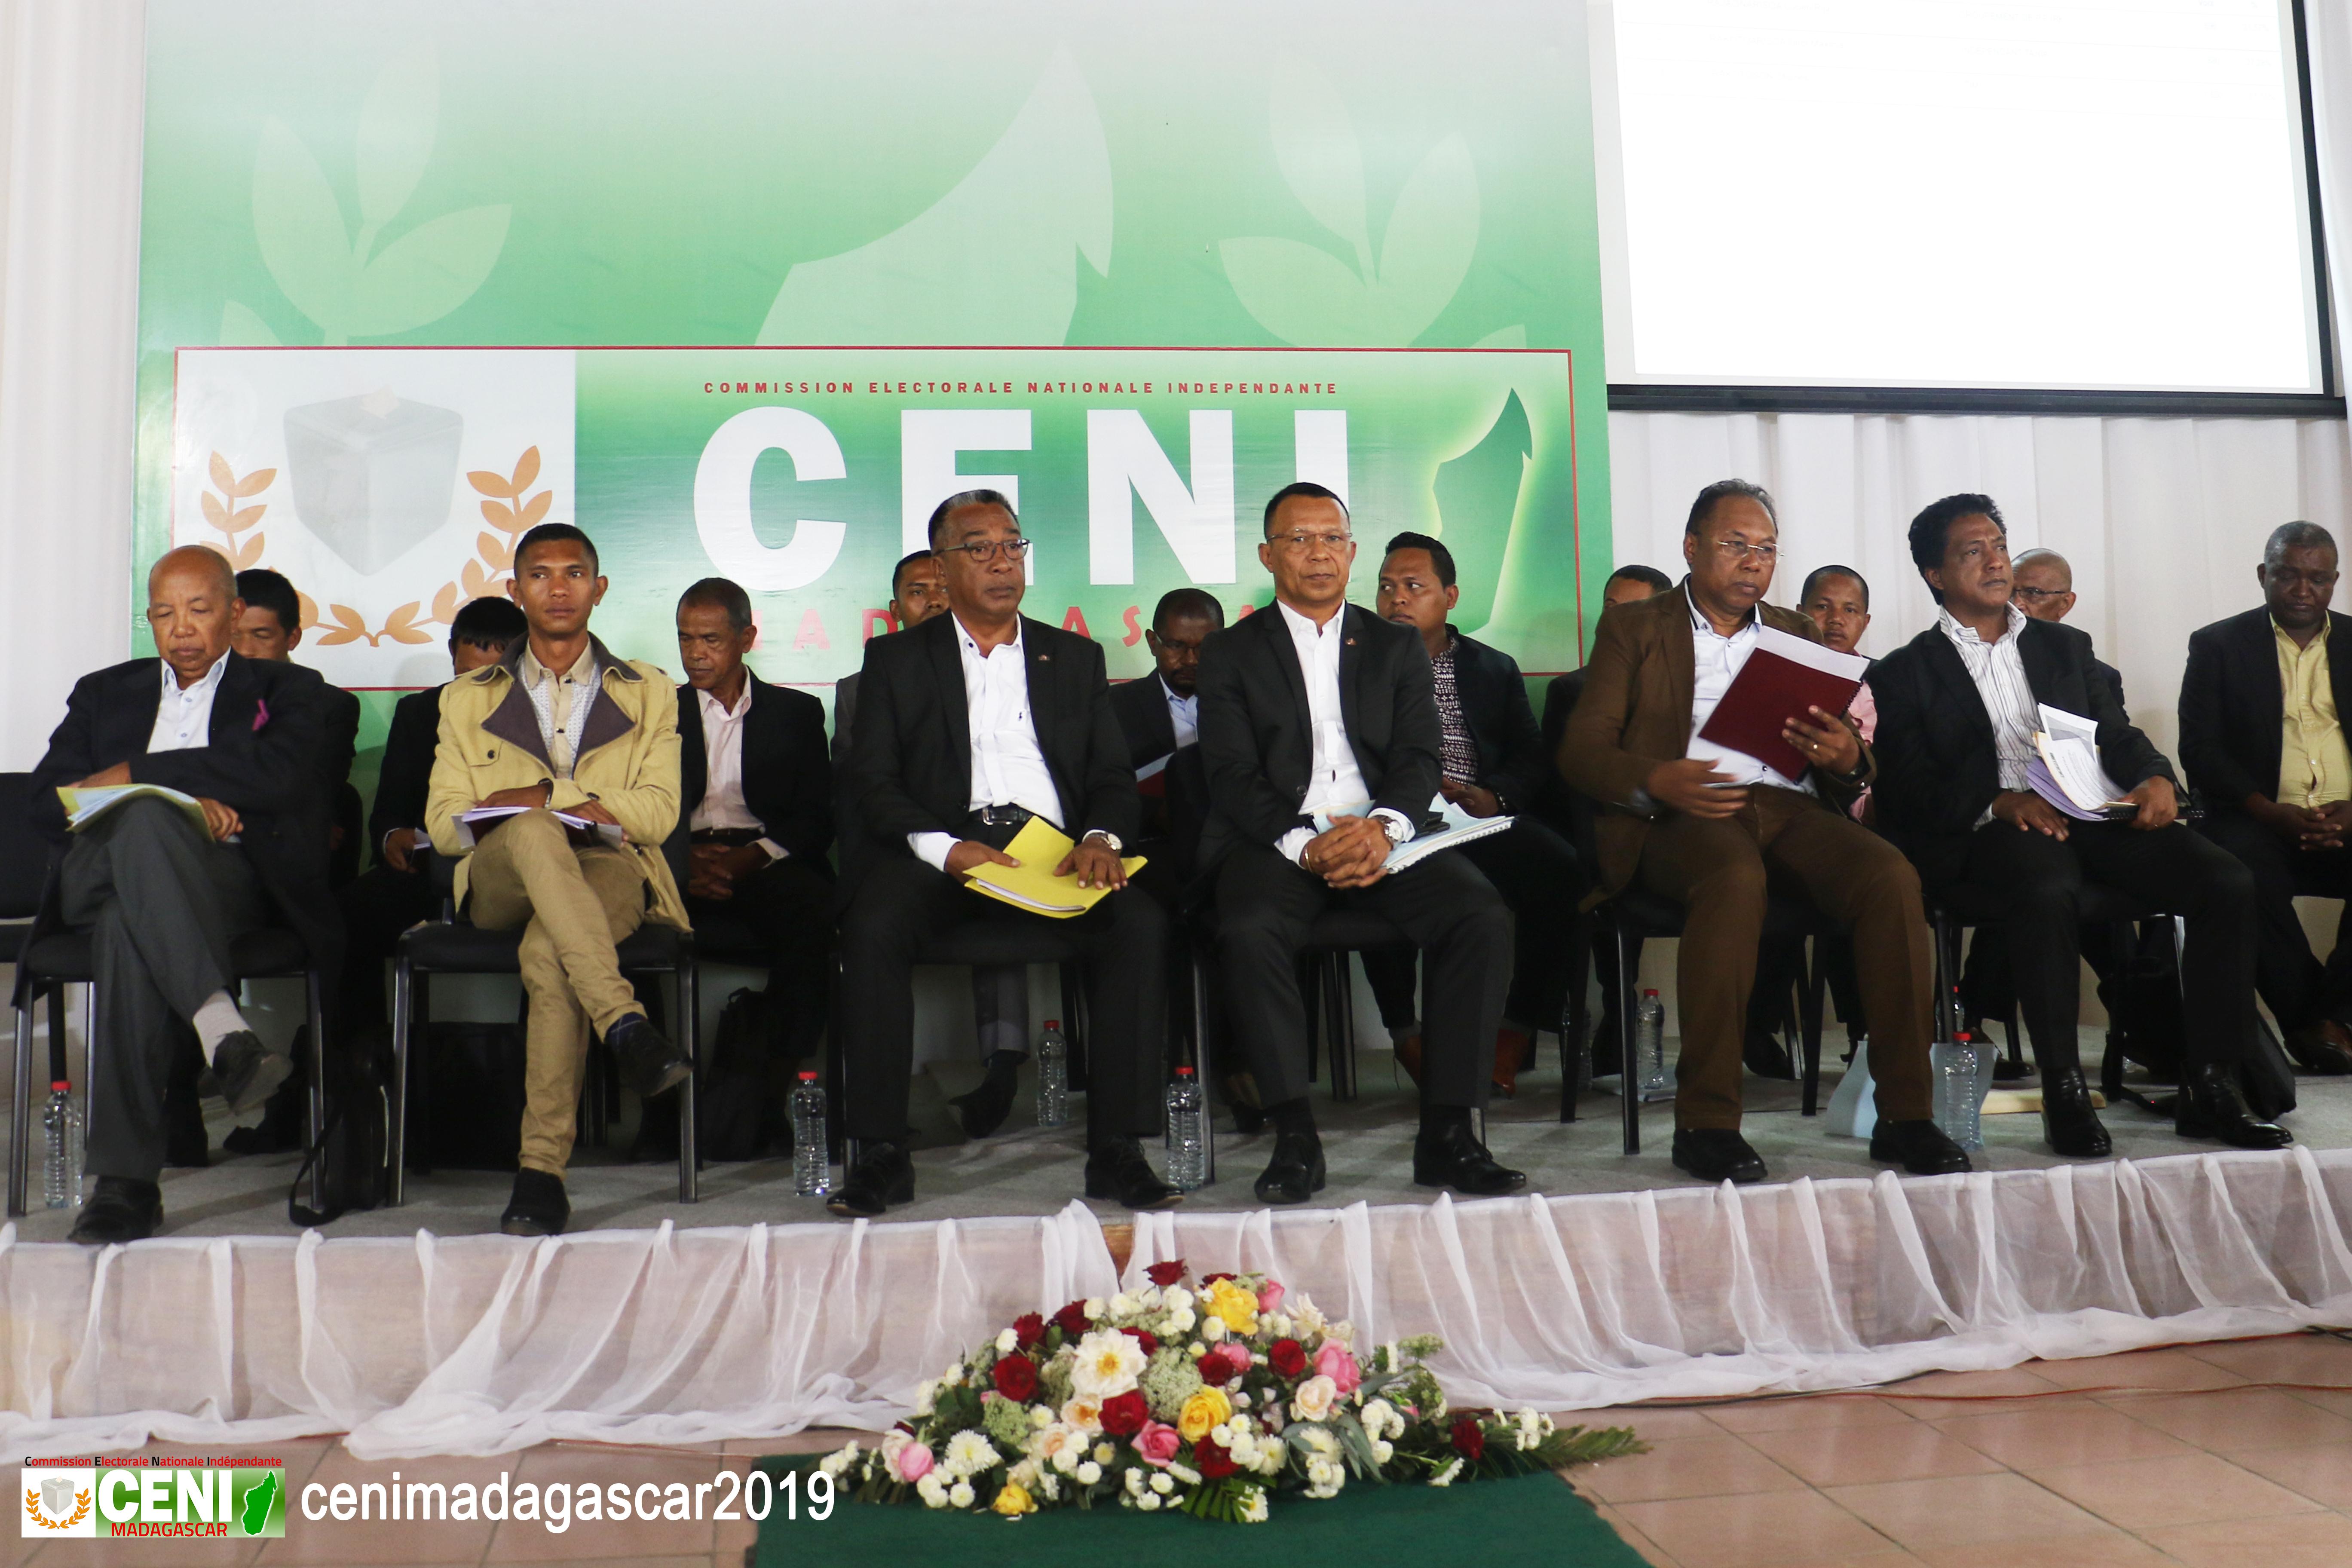 Cérémonie de publication des résultats provisoires (Province d'Antananarivo)